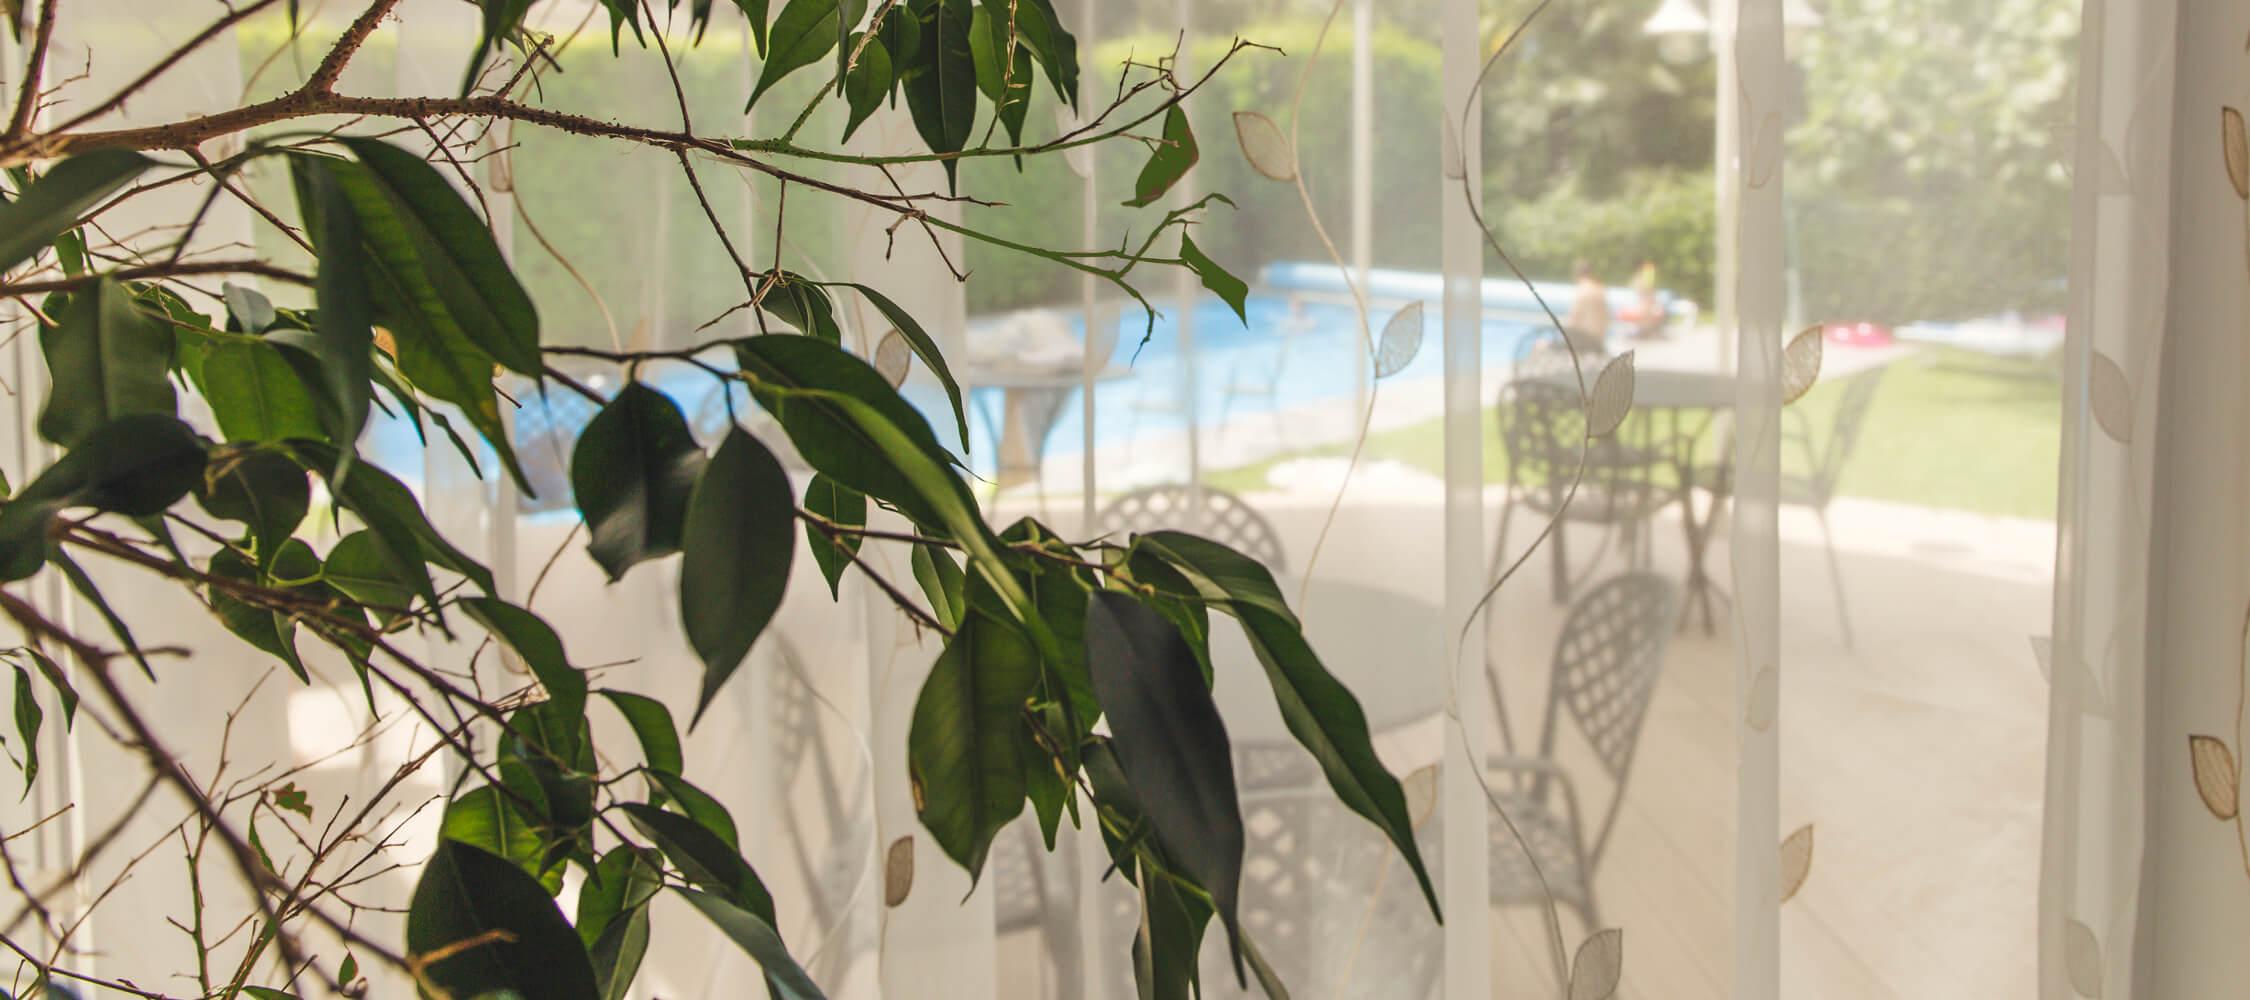 Hotel-Villa-Laurus-Merano-Bar-Anguane-6798-2250x1000